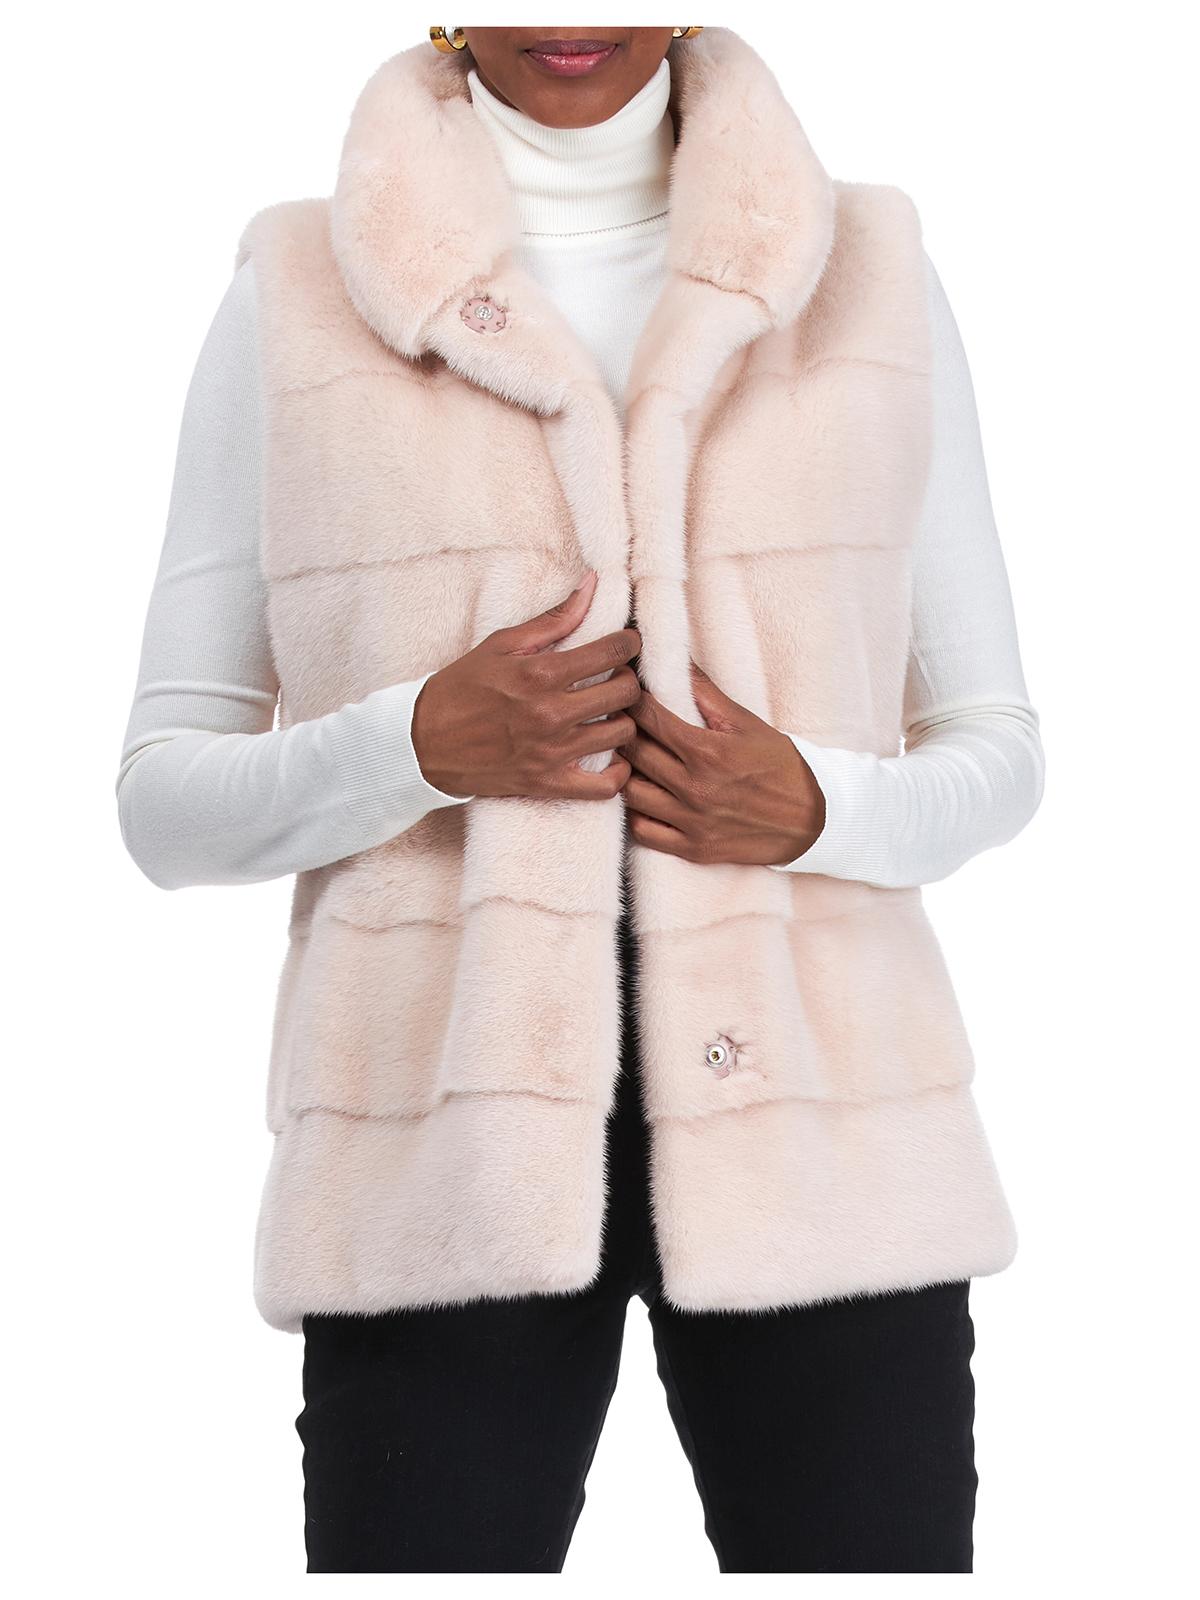 Gorski Woman's Blush Mink Fur Vest